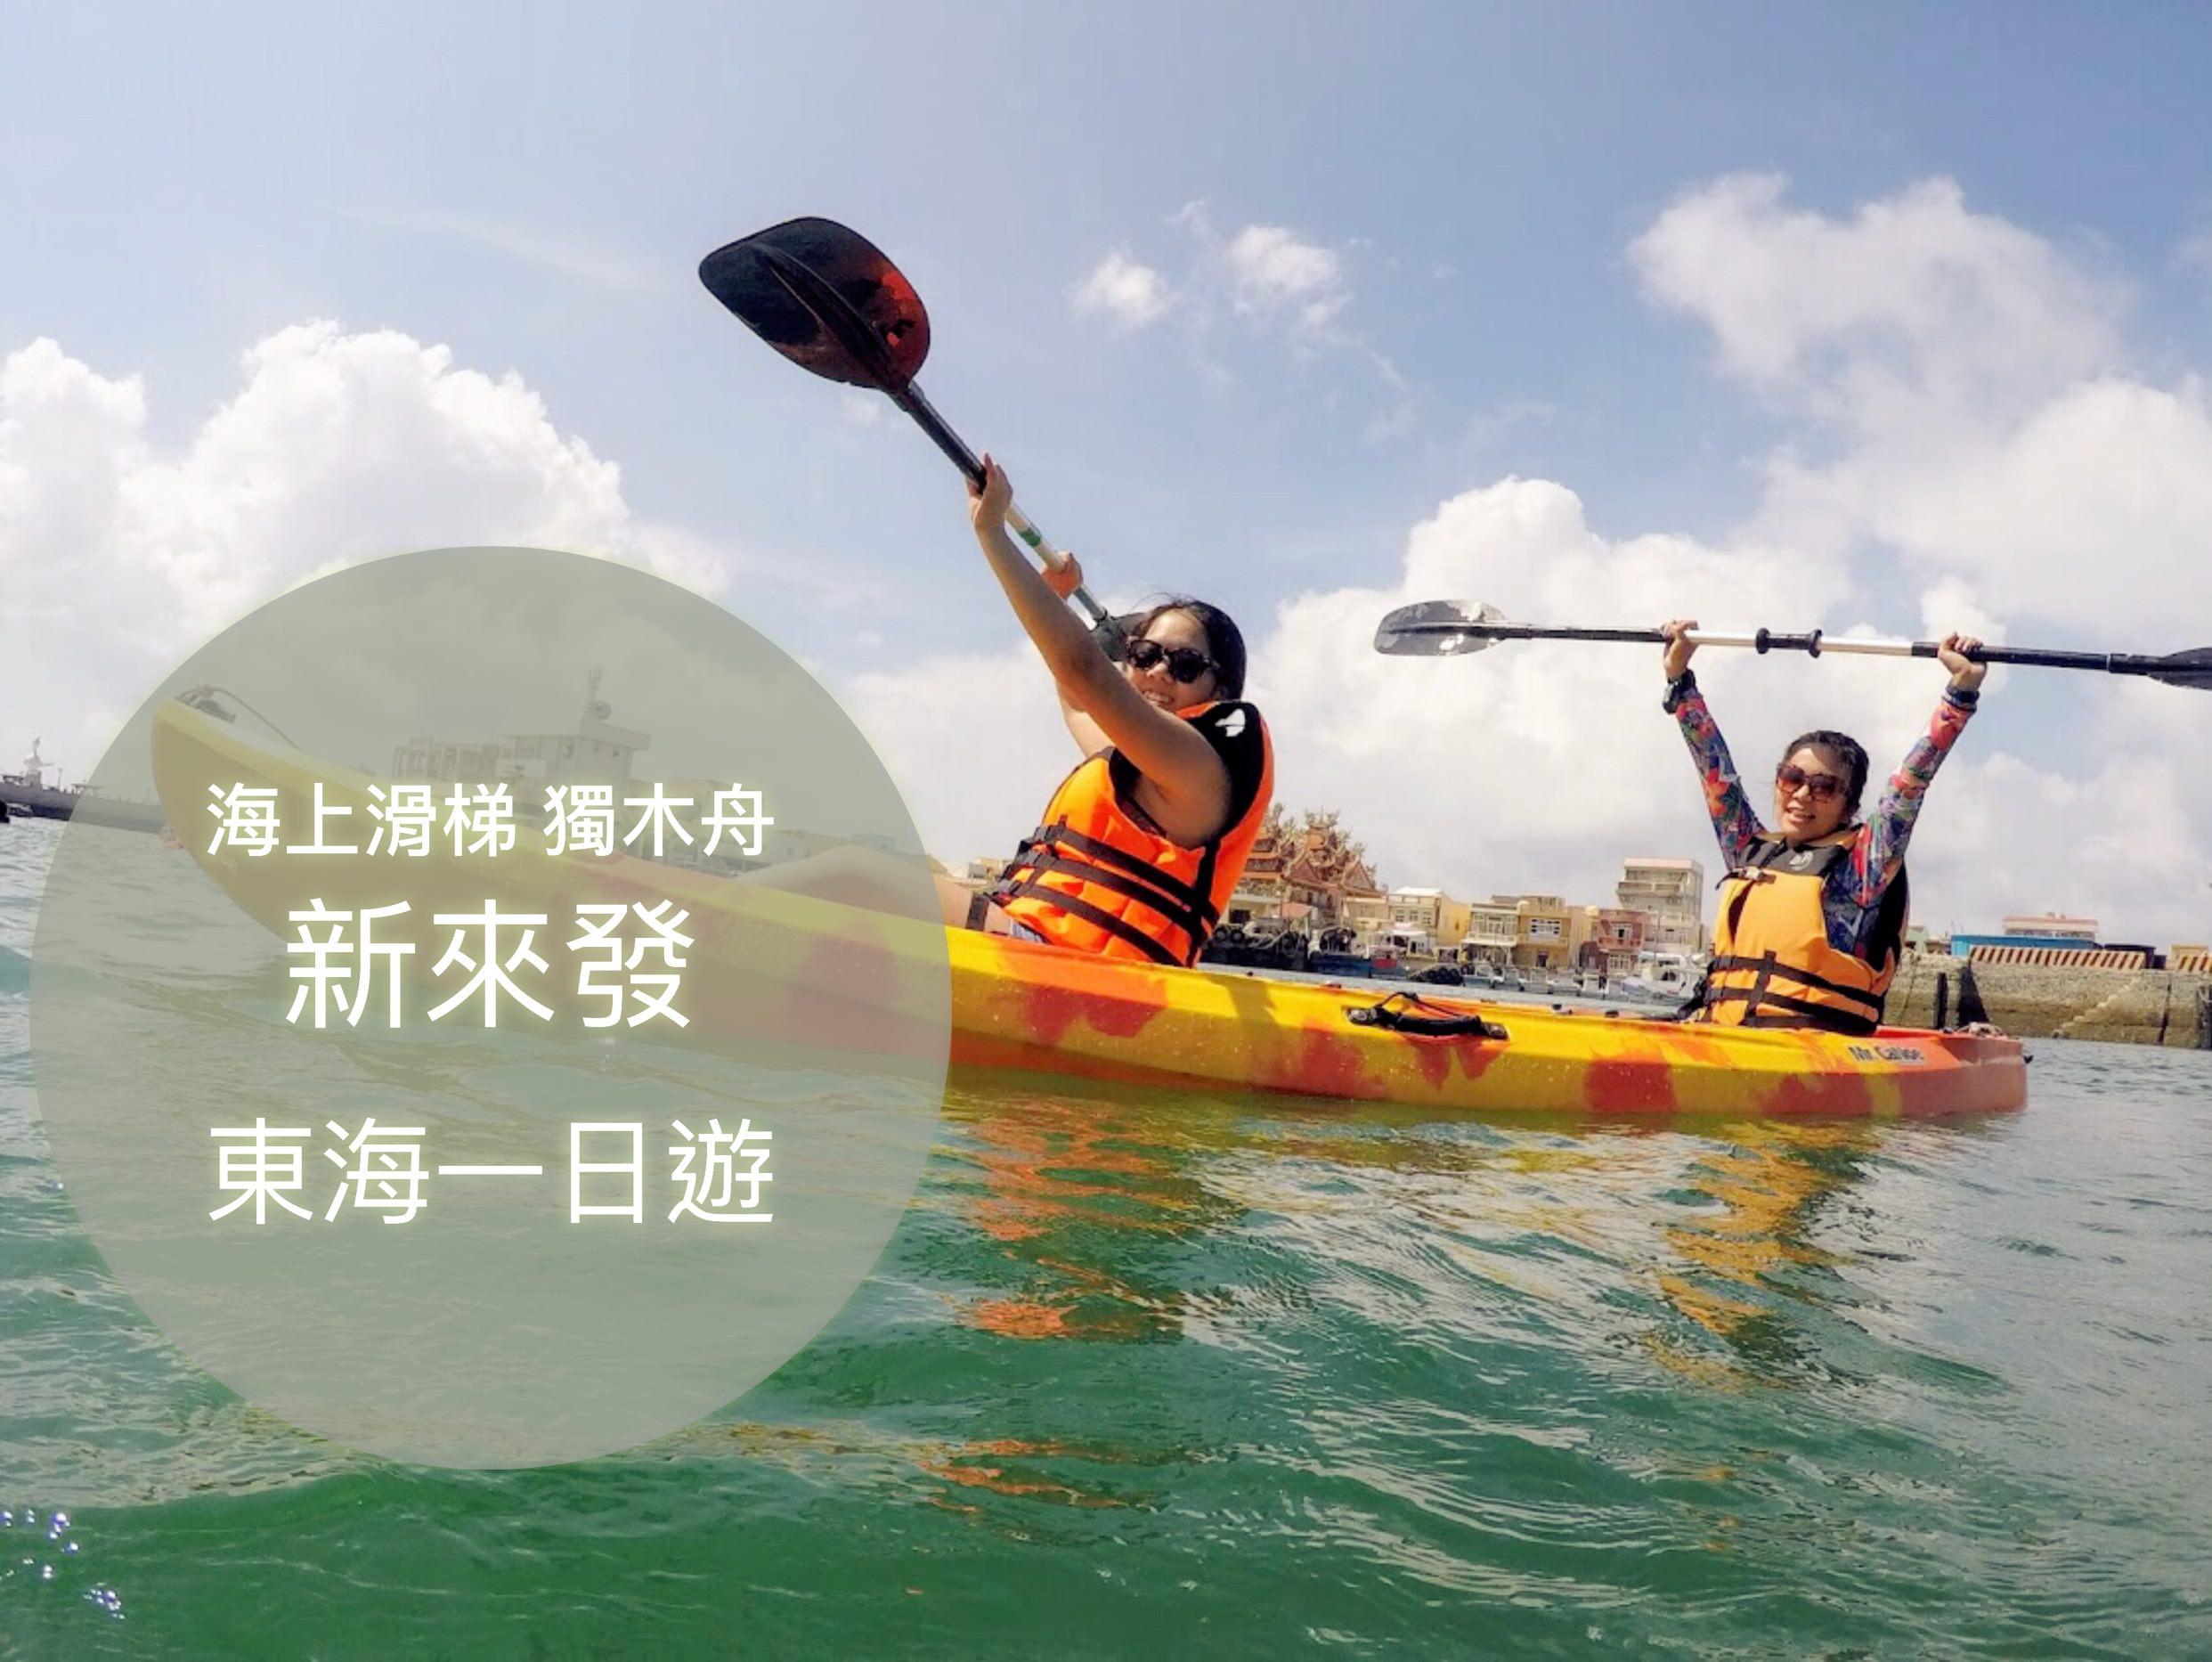 澎湖東海一日遊🔸新來發東海一日遊 划獨木舟 海上溜滑梯 浮淺 餵海鷗 船上跳水